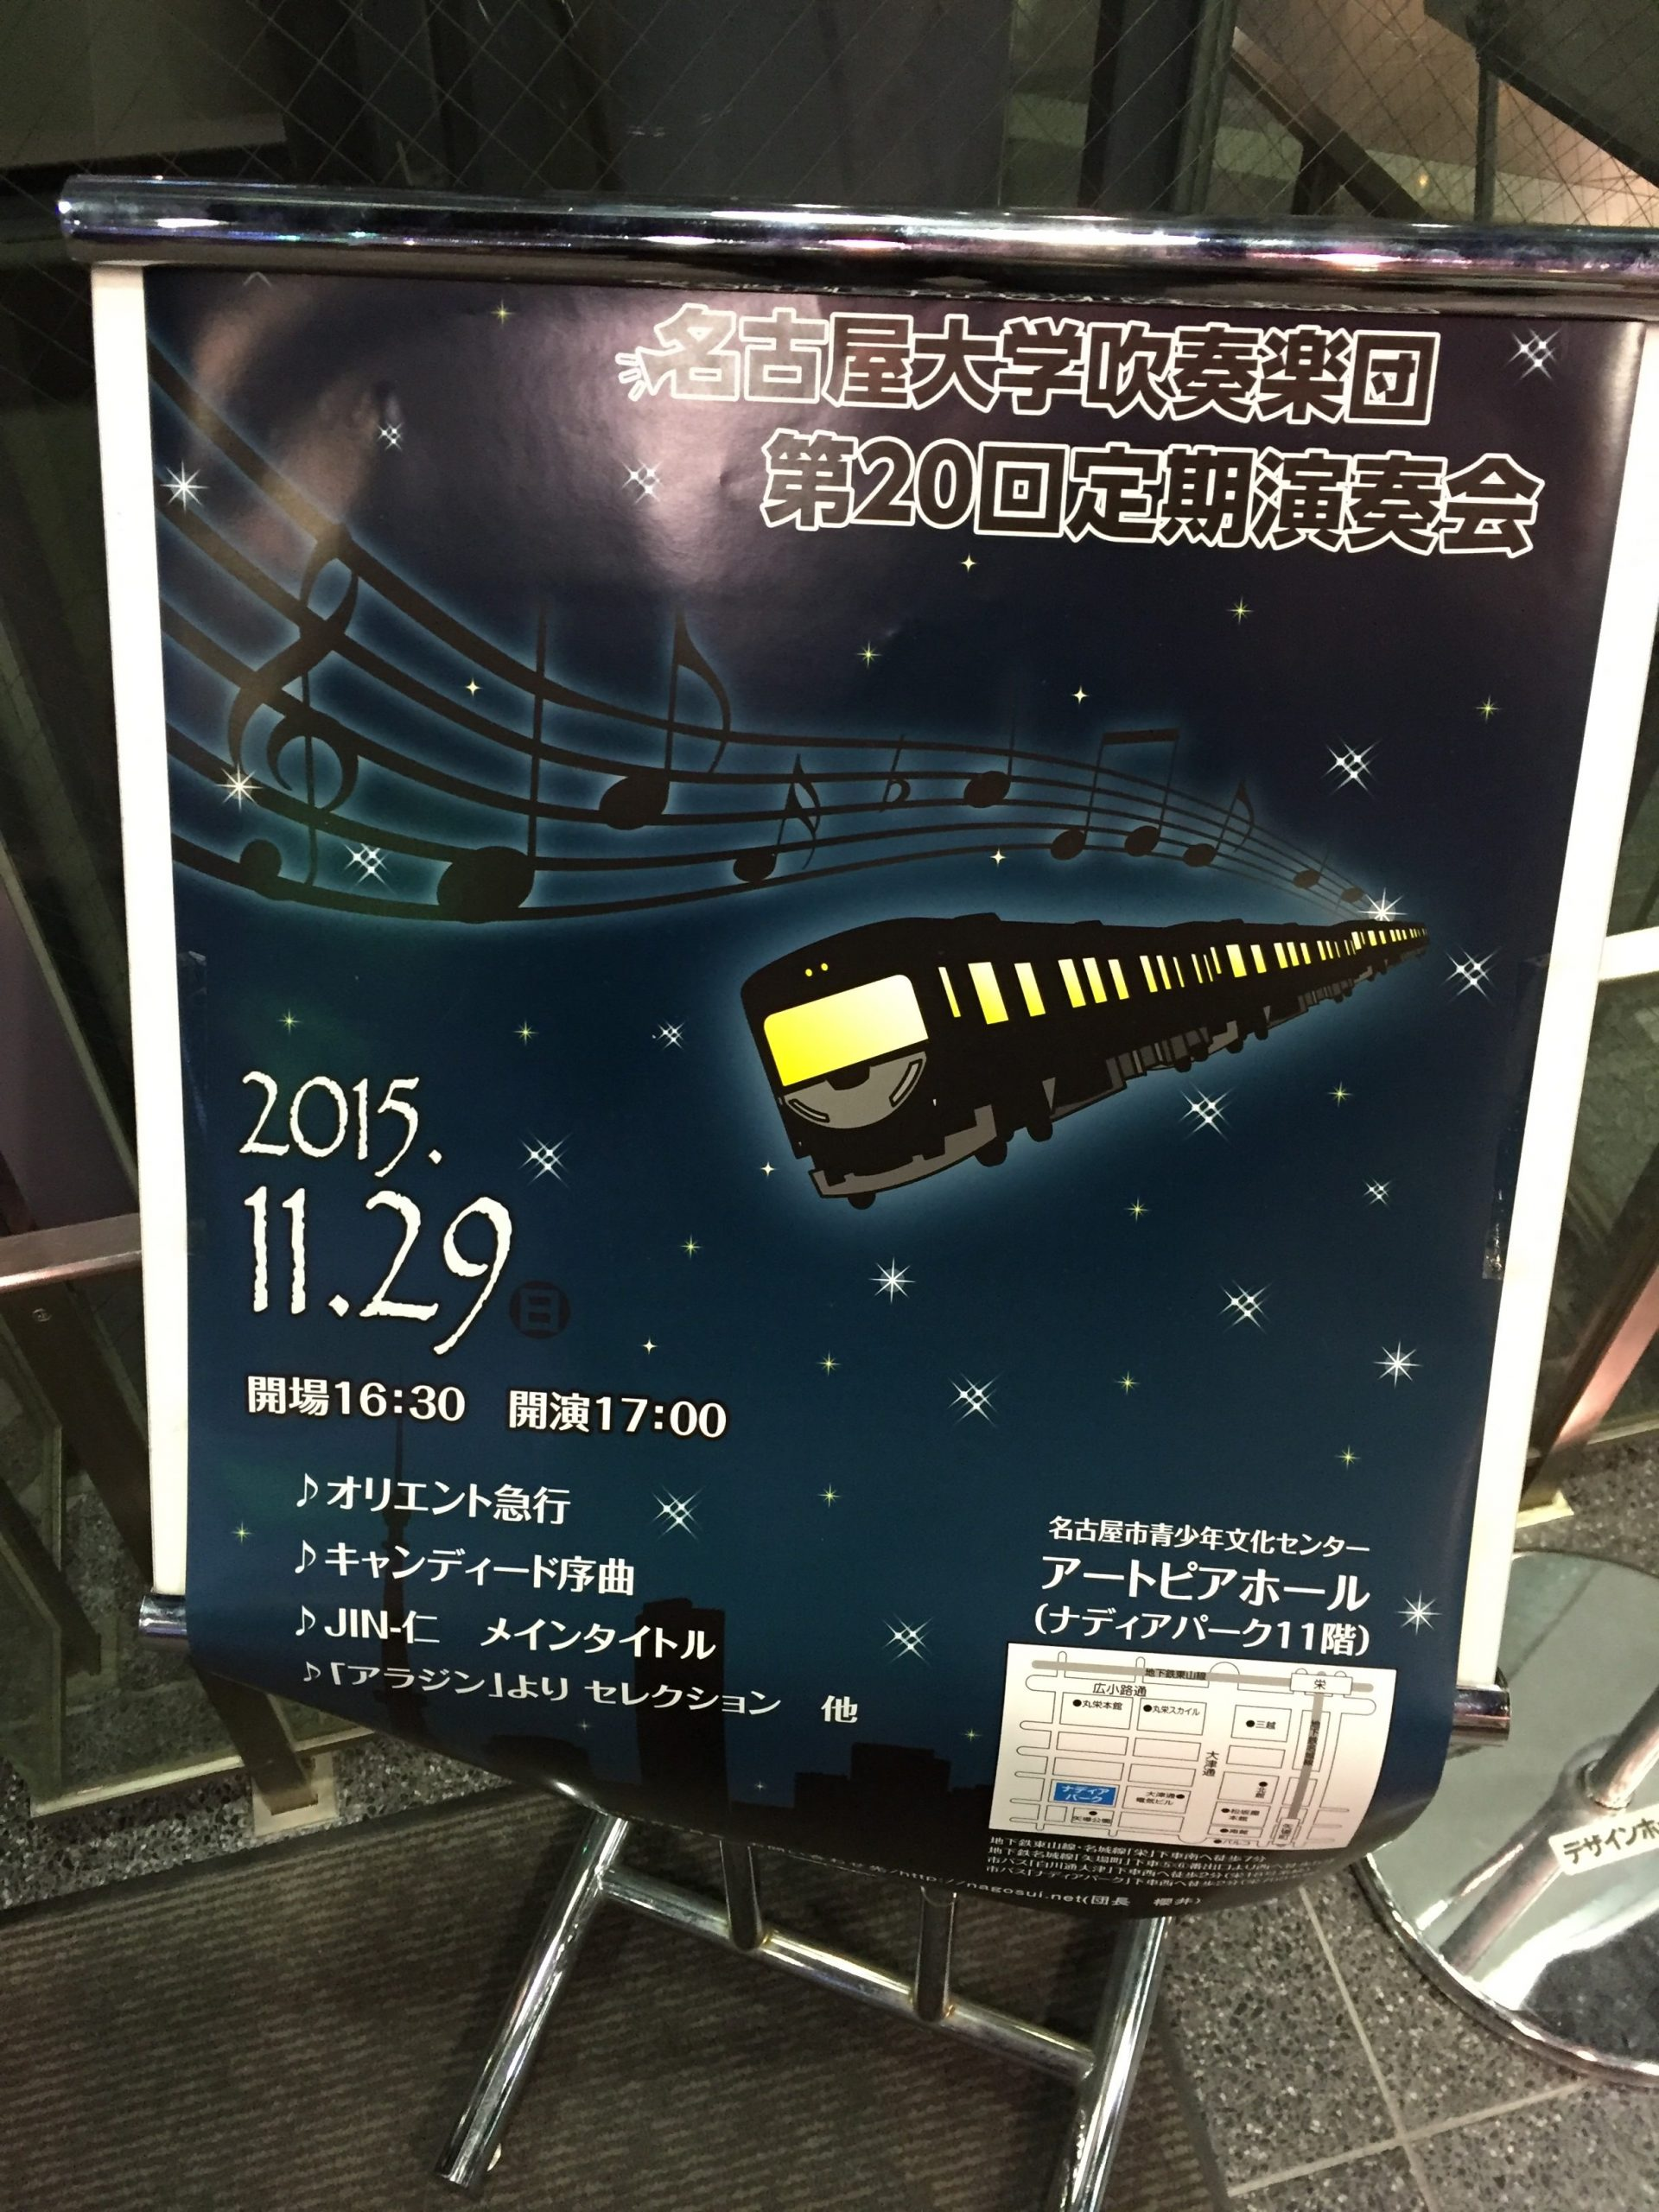 名古屋大学吹奏楽団、第20回定期演奏会